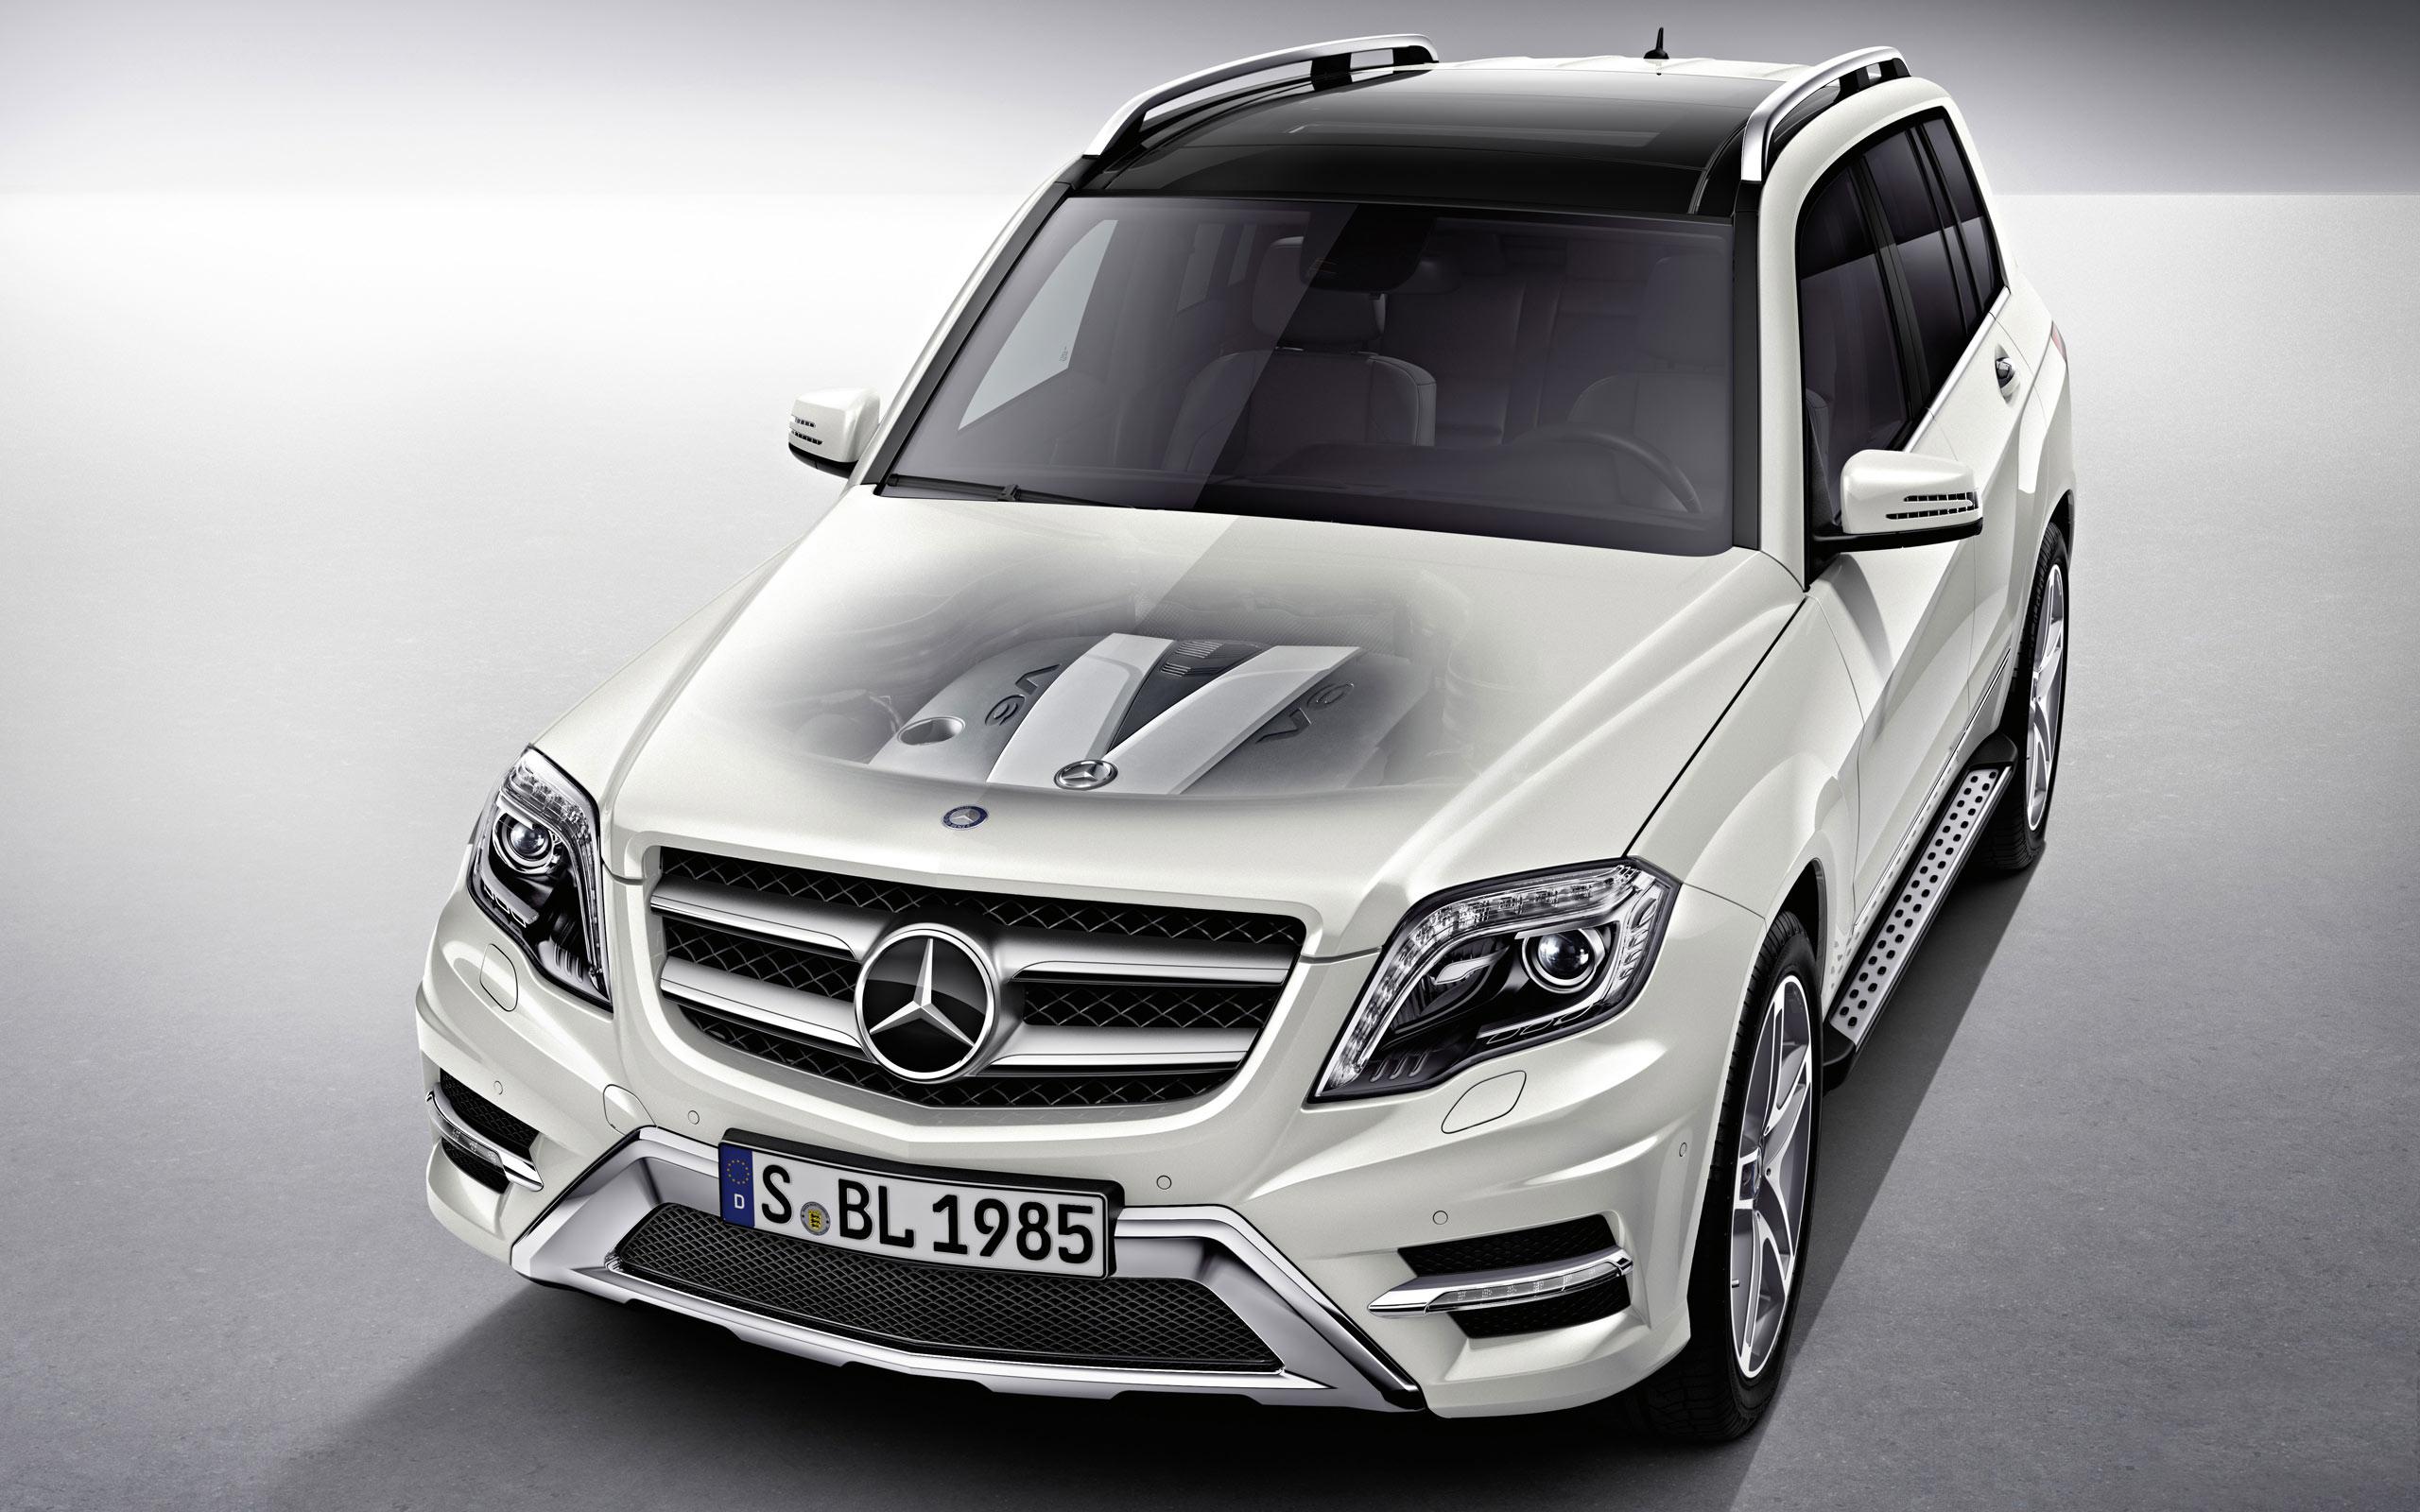 Mercedes Benz GLK 2012 Wallpaper | HD Car Wallpapers | ID ...